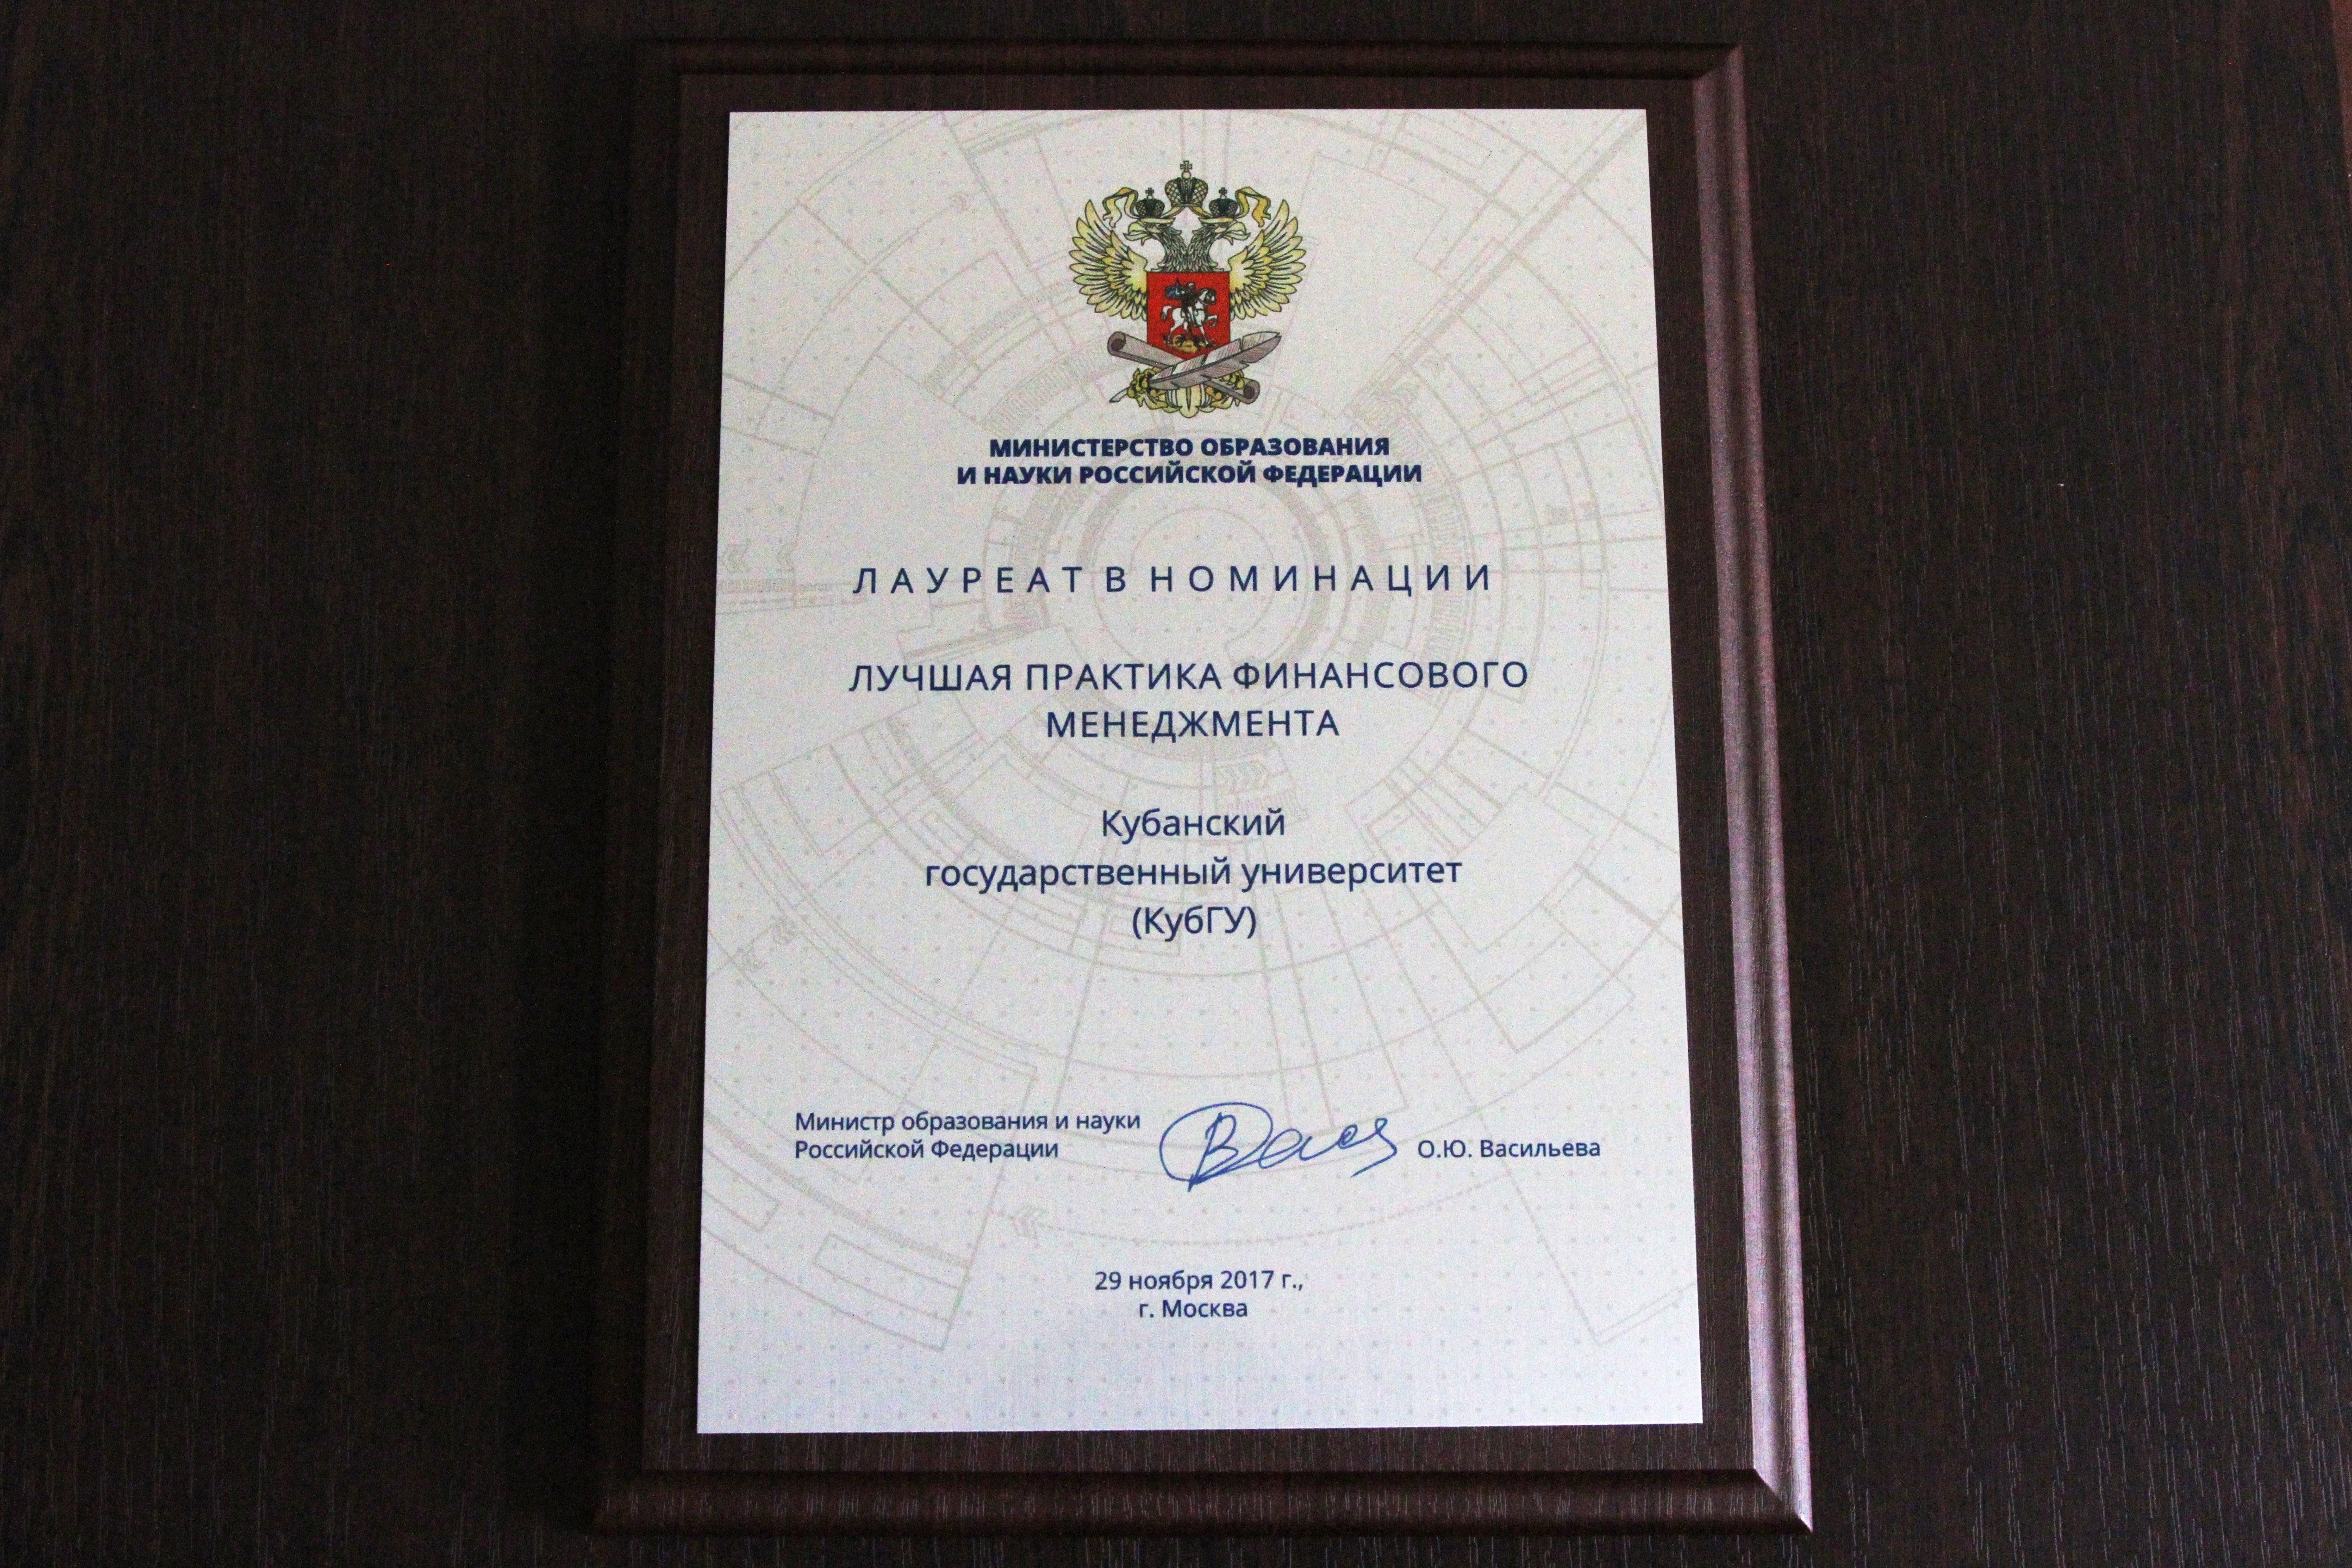 КубГУ третий в стране по качеству финансового менеджмента  КубГУ третий в стране по качеству финансового менеджмента